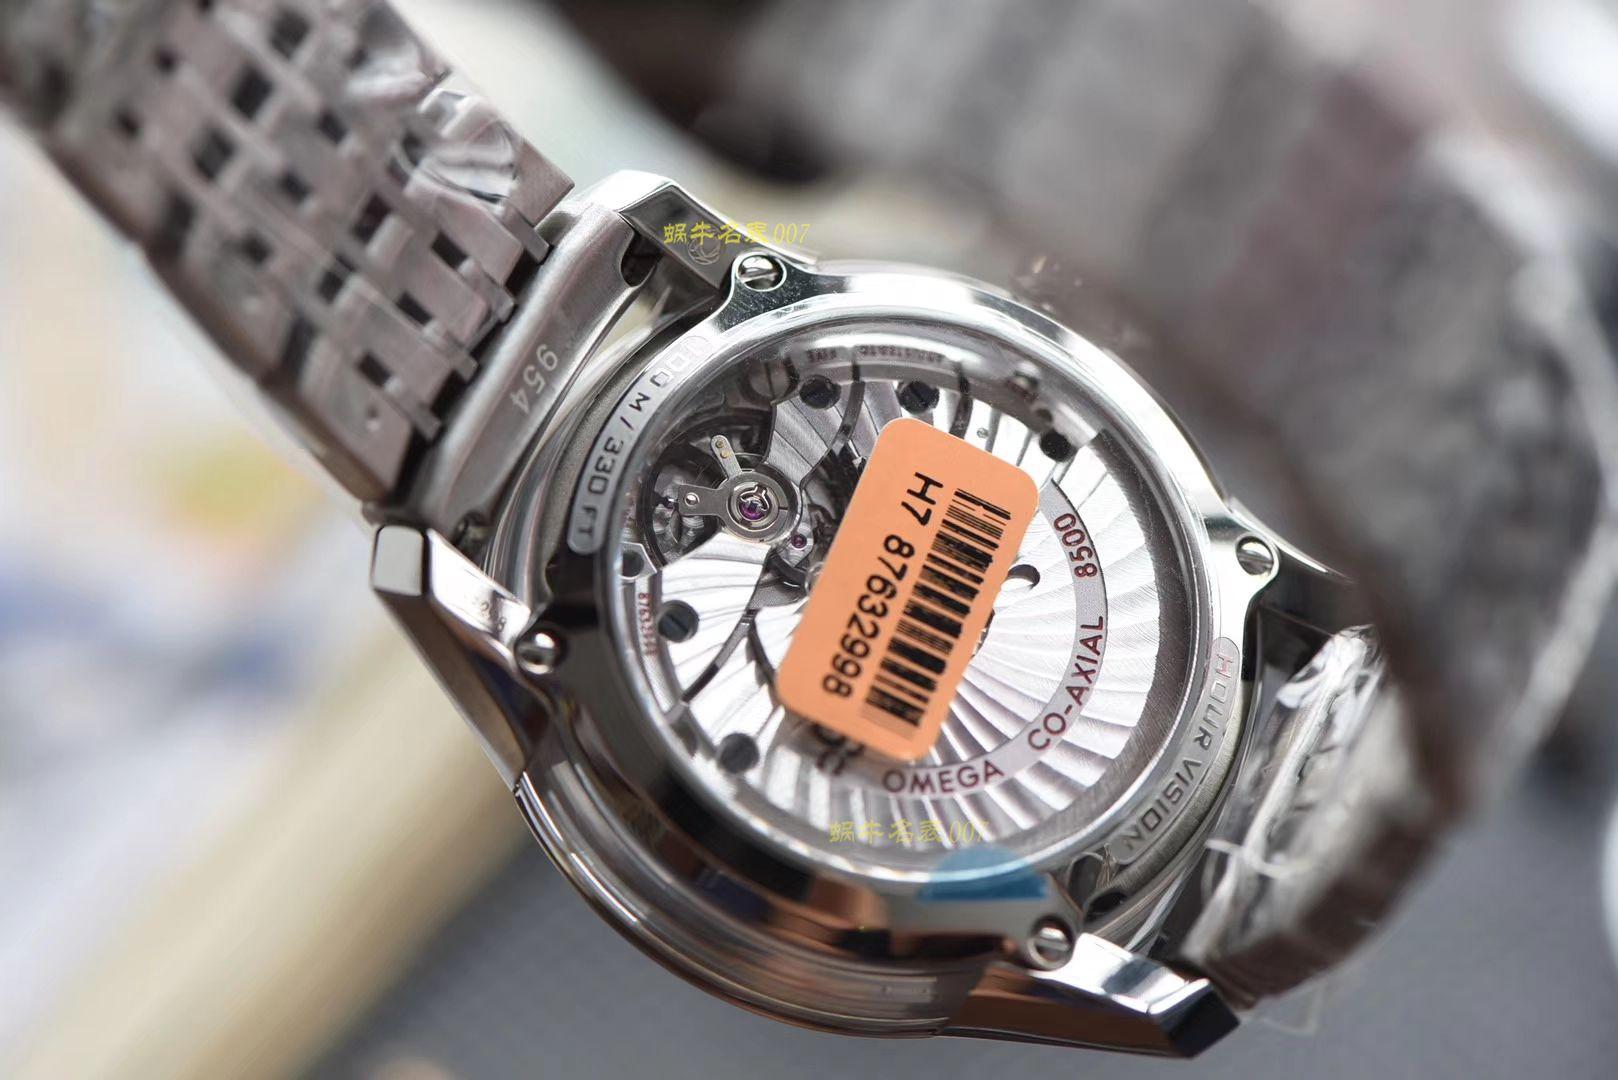 【视频评测】欧米茄碟飞系列431.30.41.21.02.001腕表【VS厂蝶飞明亮之白一比一高仿】 / M367